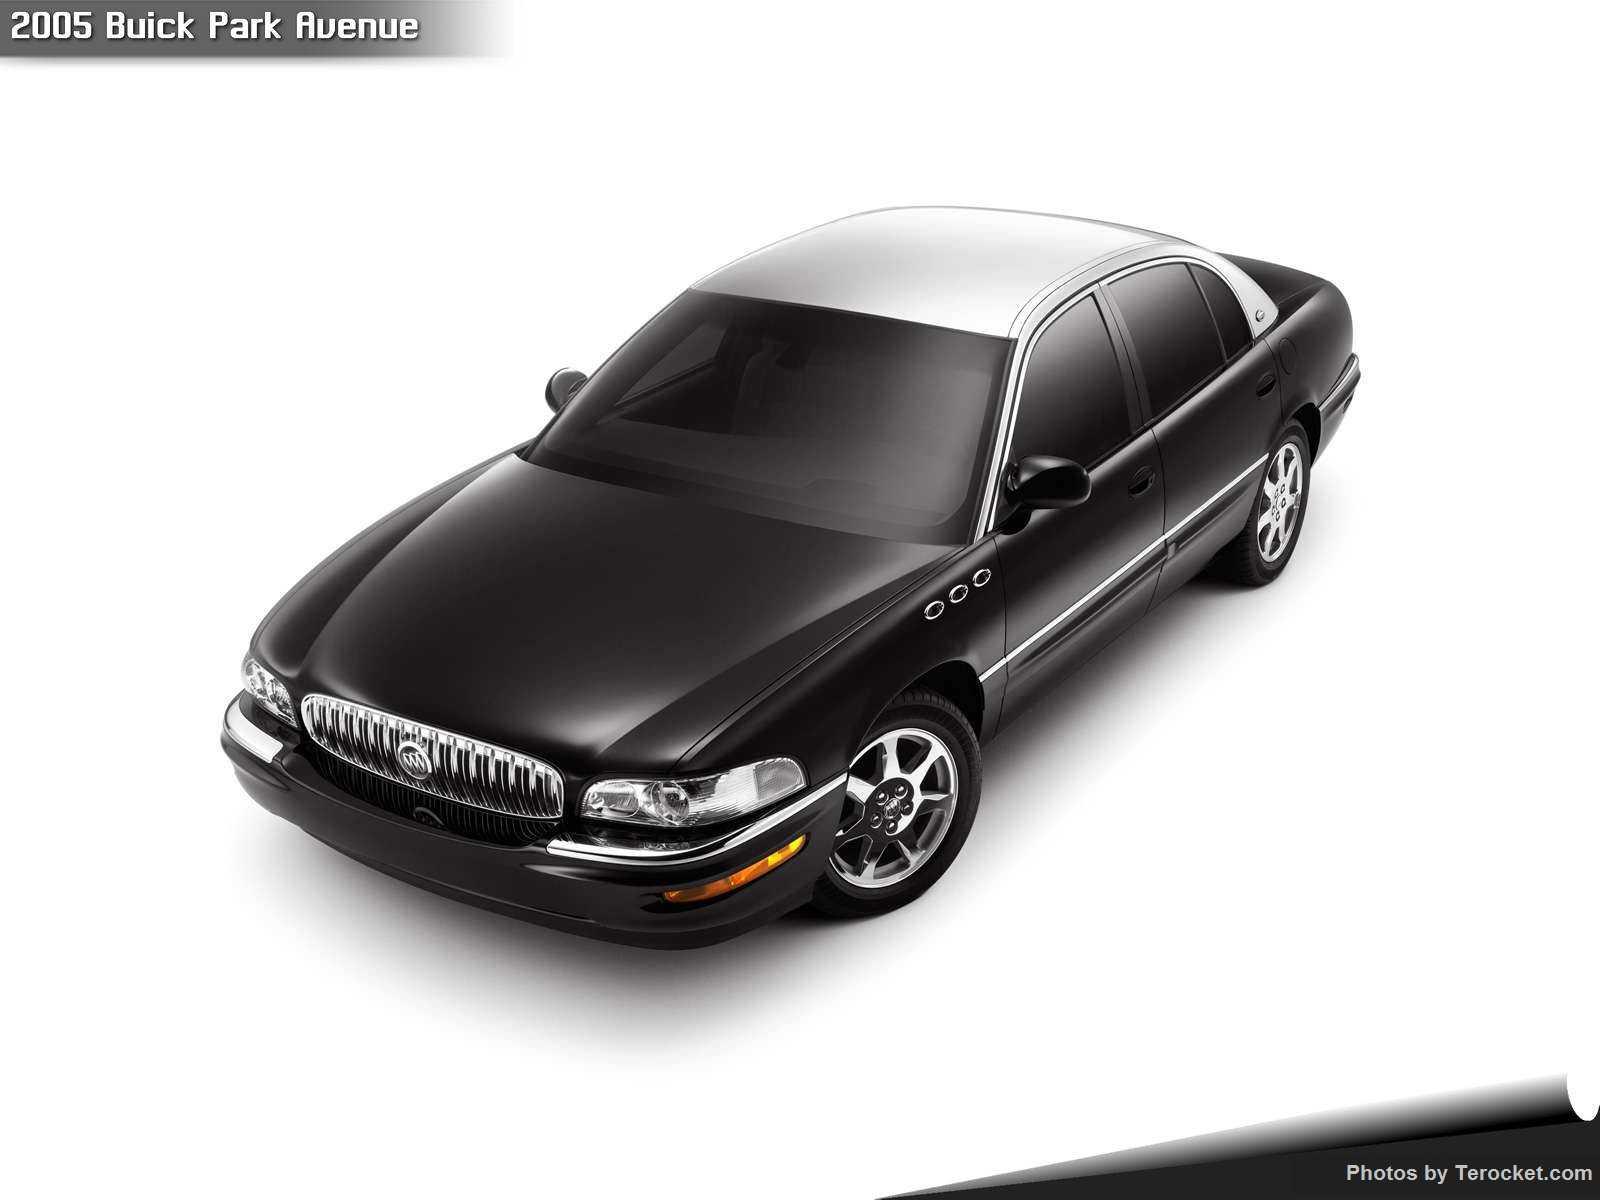 Hình ảnh xe ô tô Buick Park Avenue 2005 & nội ngoại thất